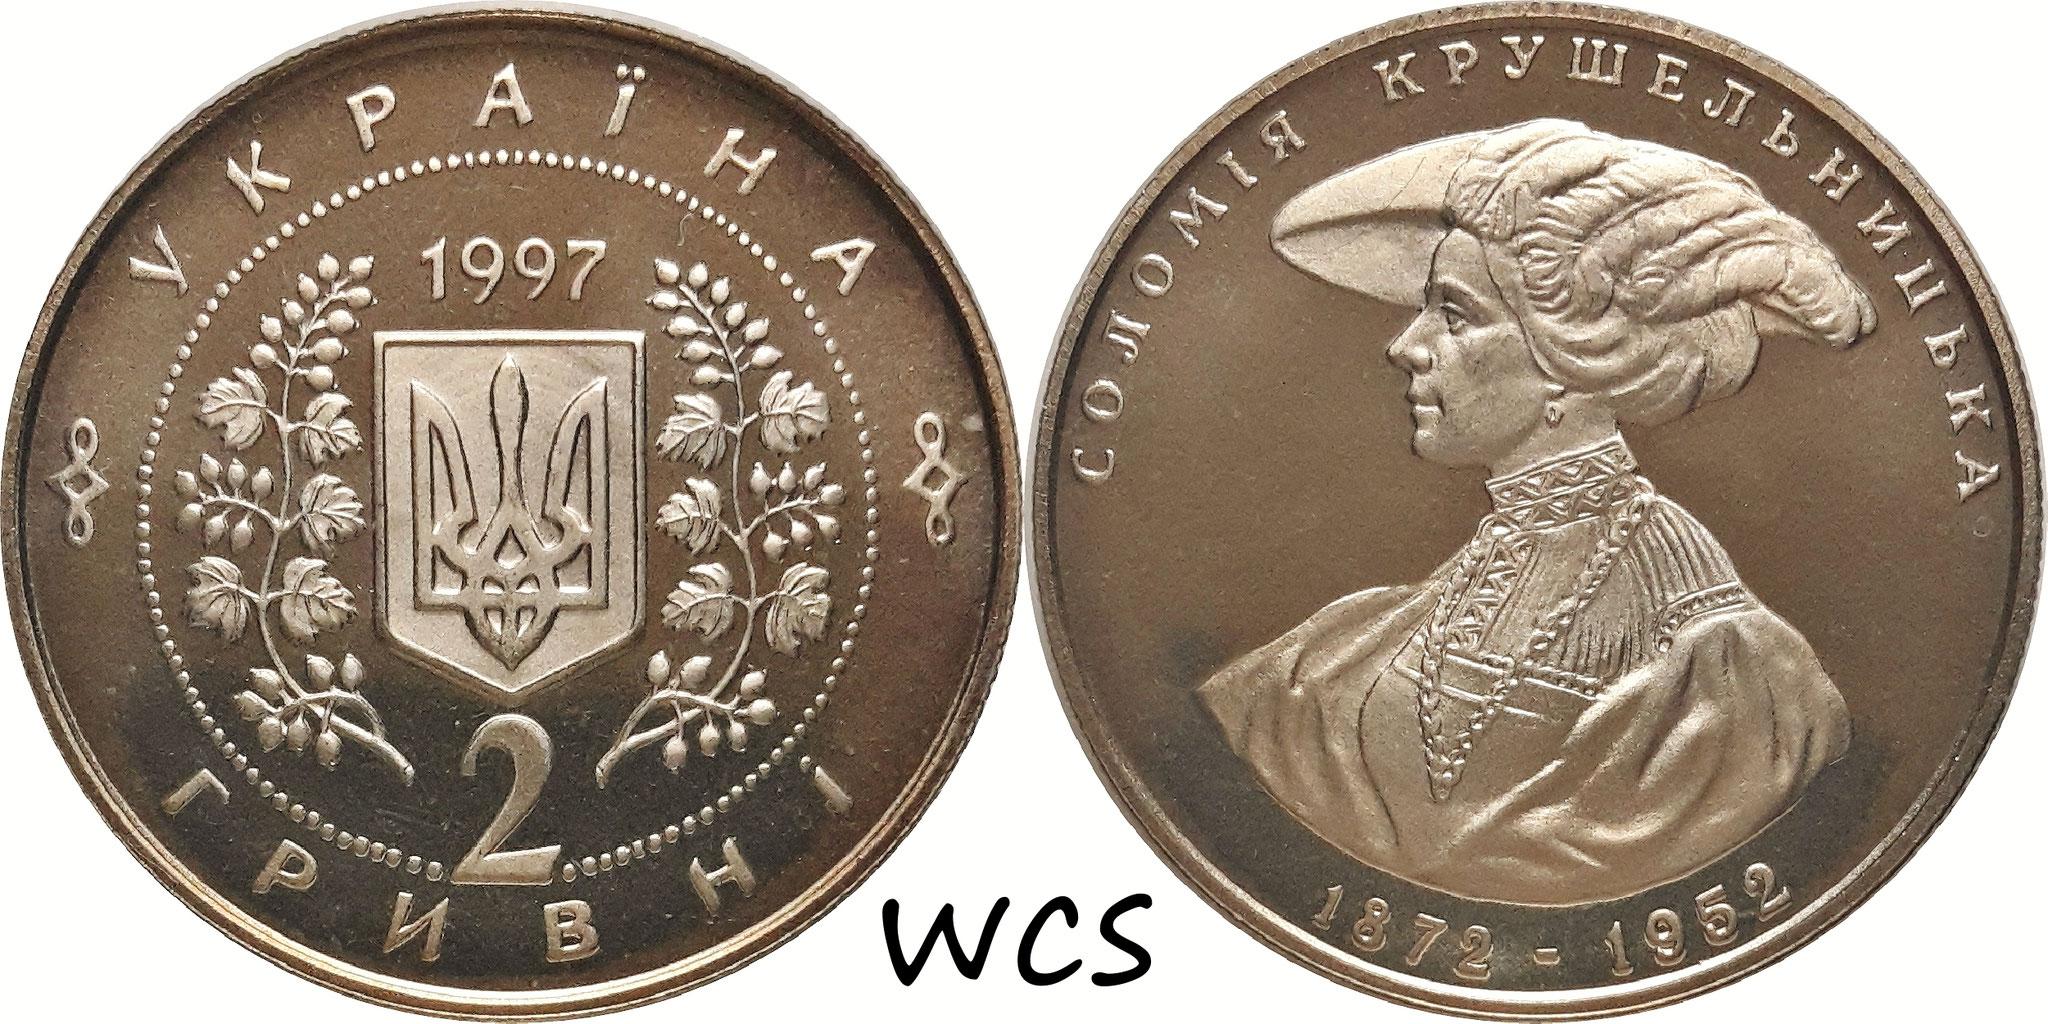 Ukraine 2Hryvni1997 - Solomiya Krushelnytska